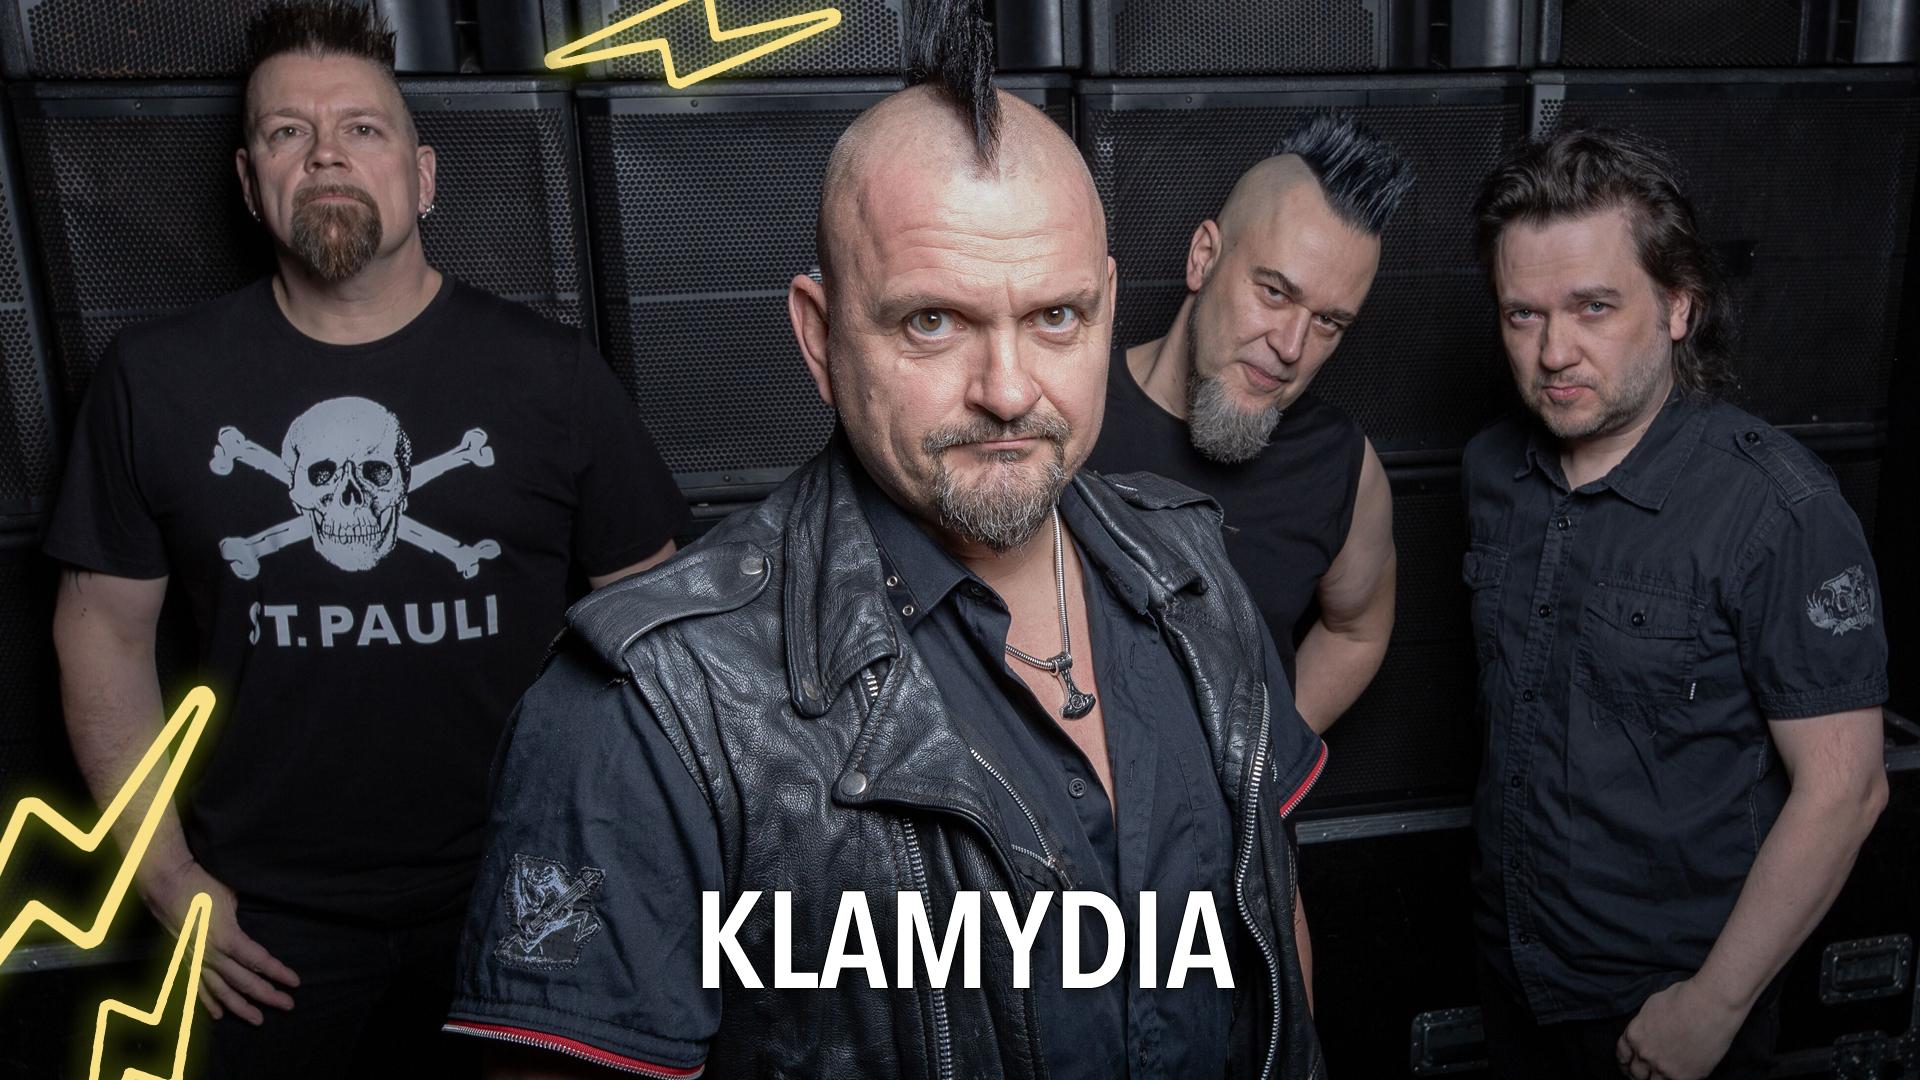 KLAMYDIA_1920x1080